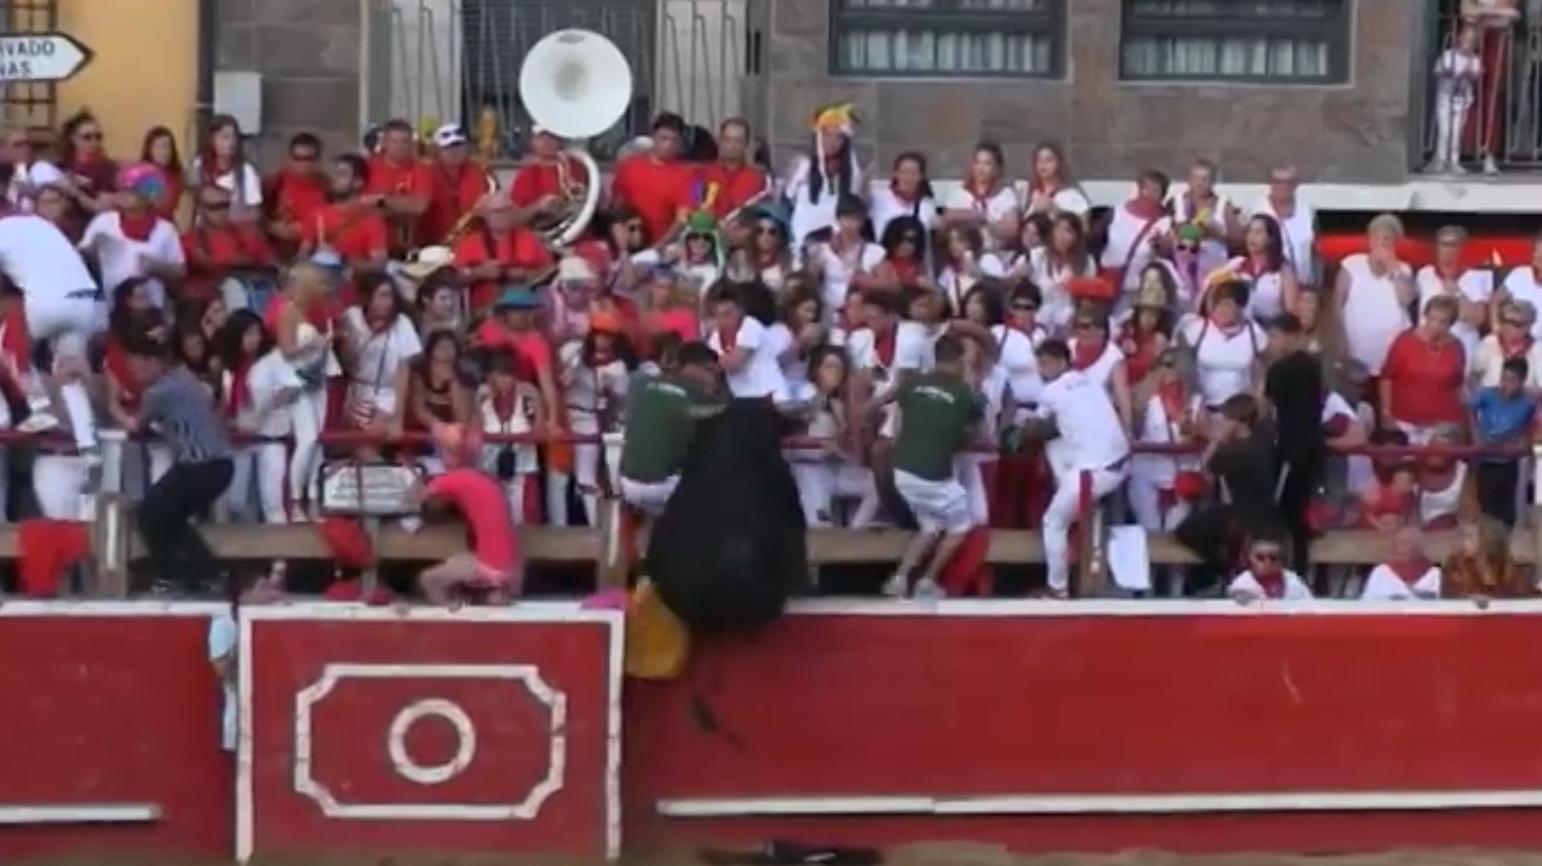 VIDEO // Situation incroyable où le toro saute 2 fois et sème la panique dans les Arènes de Cortes